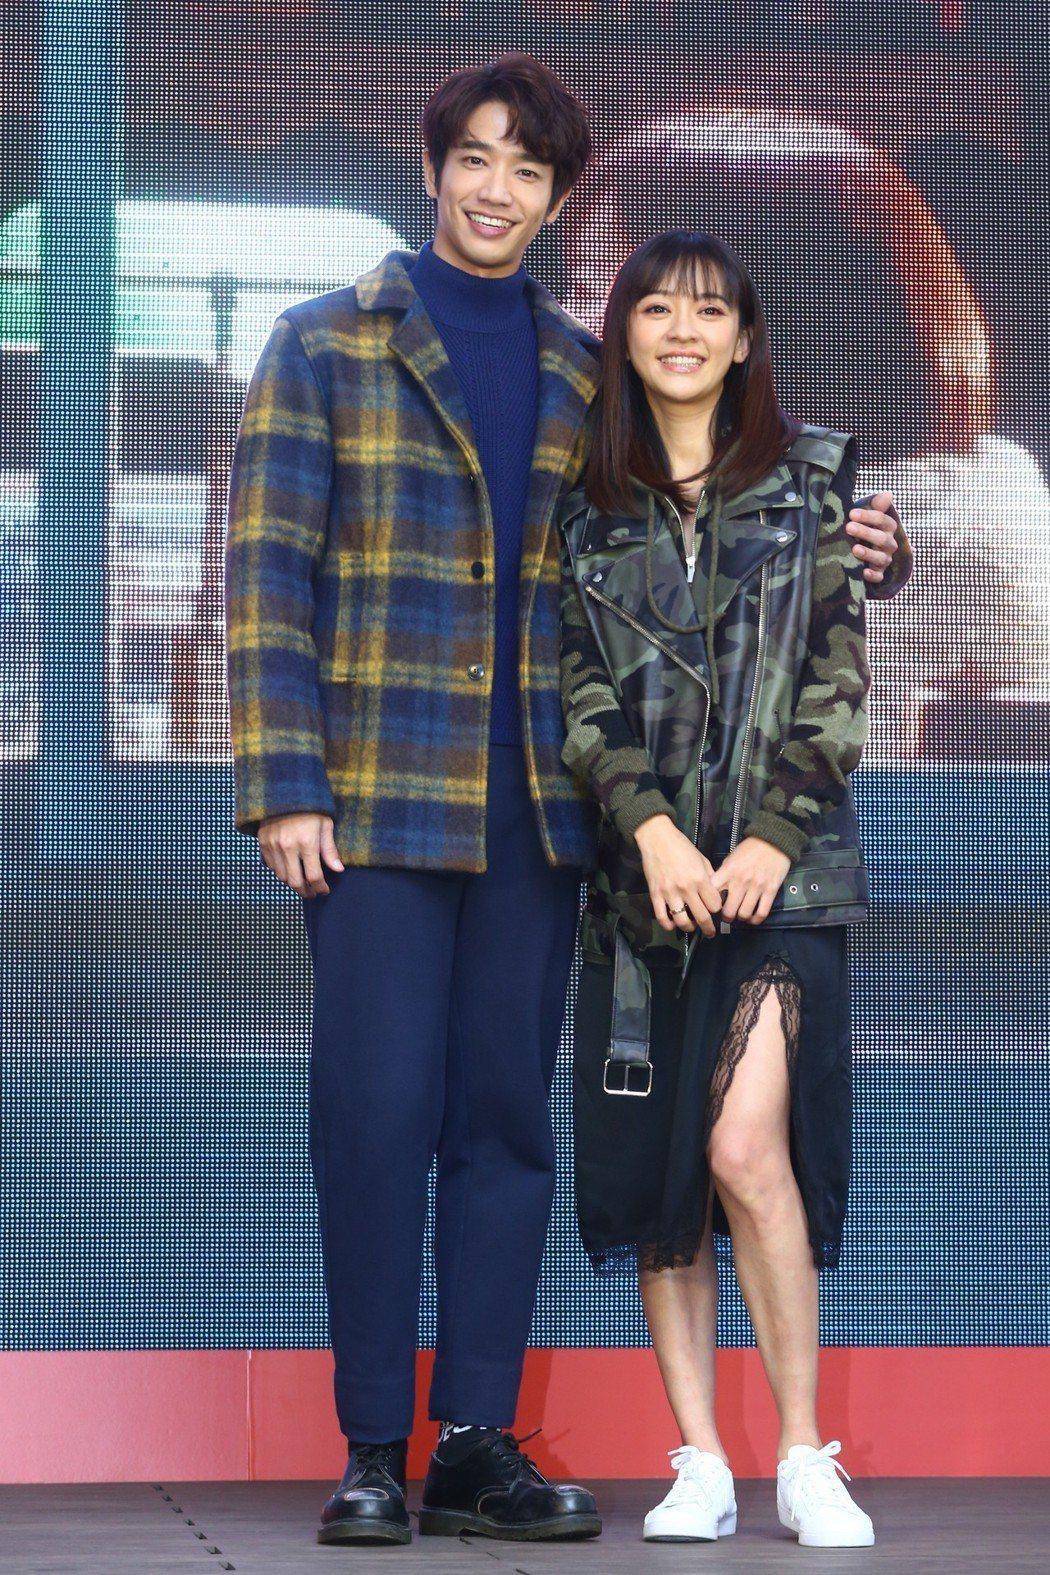 劉以豪(左)與陳意涵(右)下午出席《比悲傷更悲傷的故事》台灣電影票房冠軍記者會。...